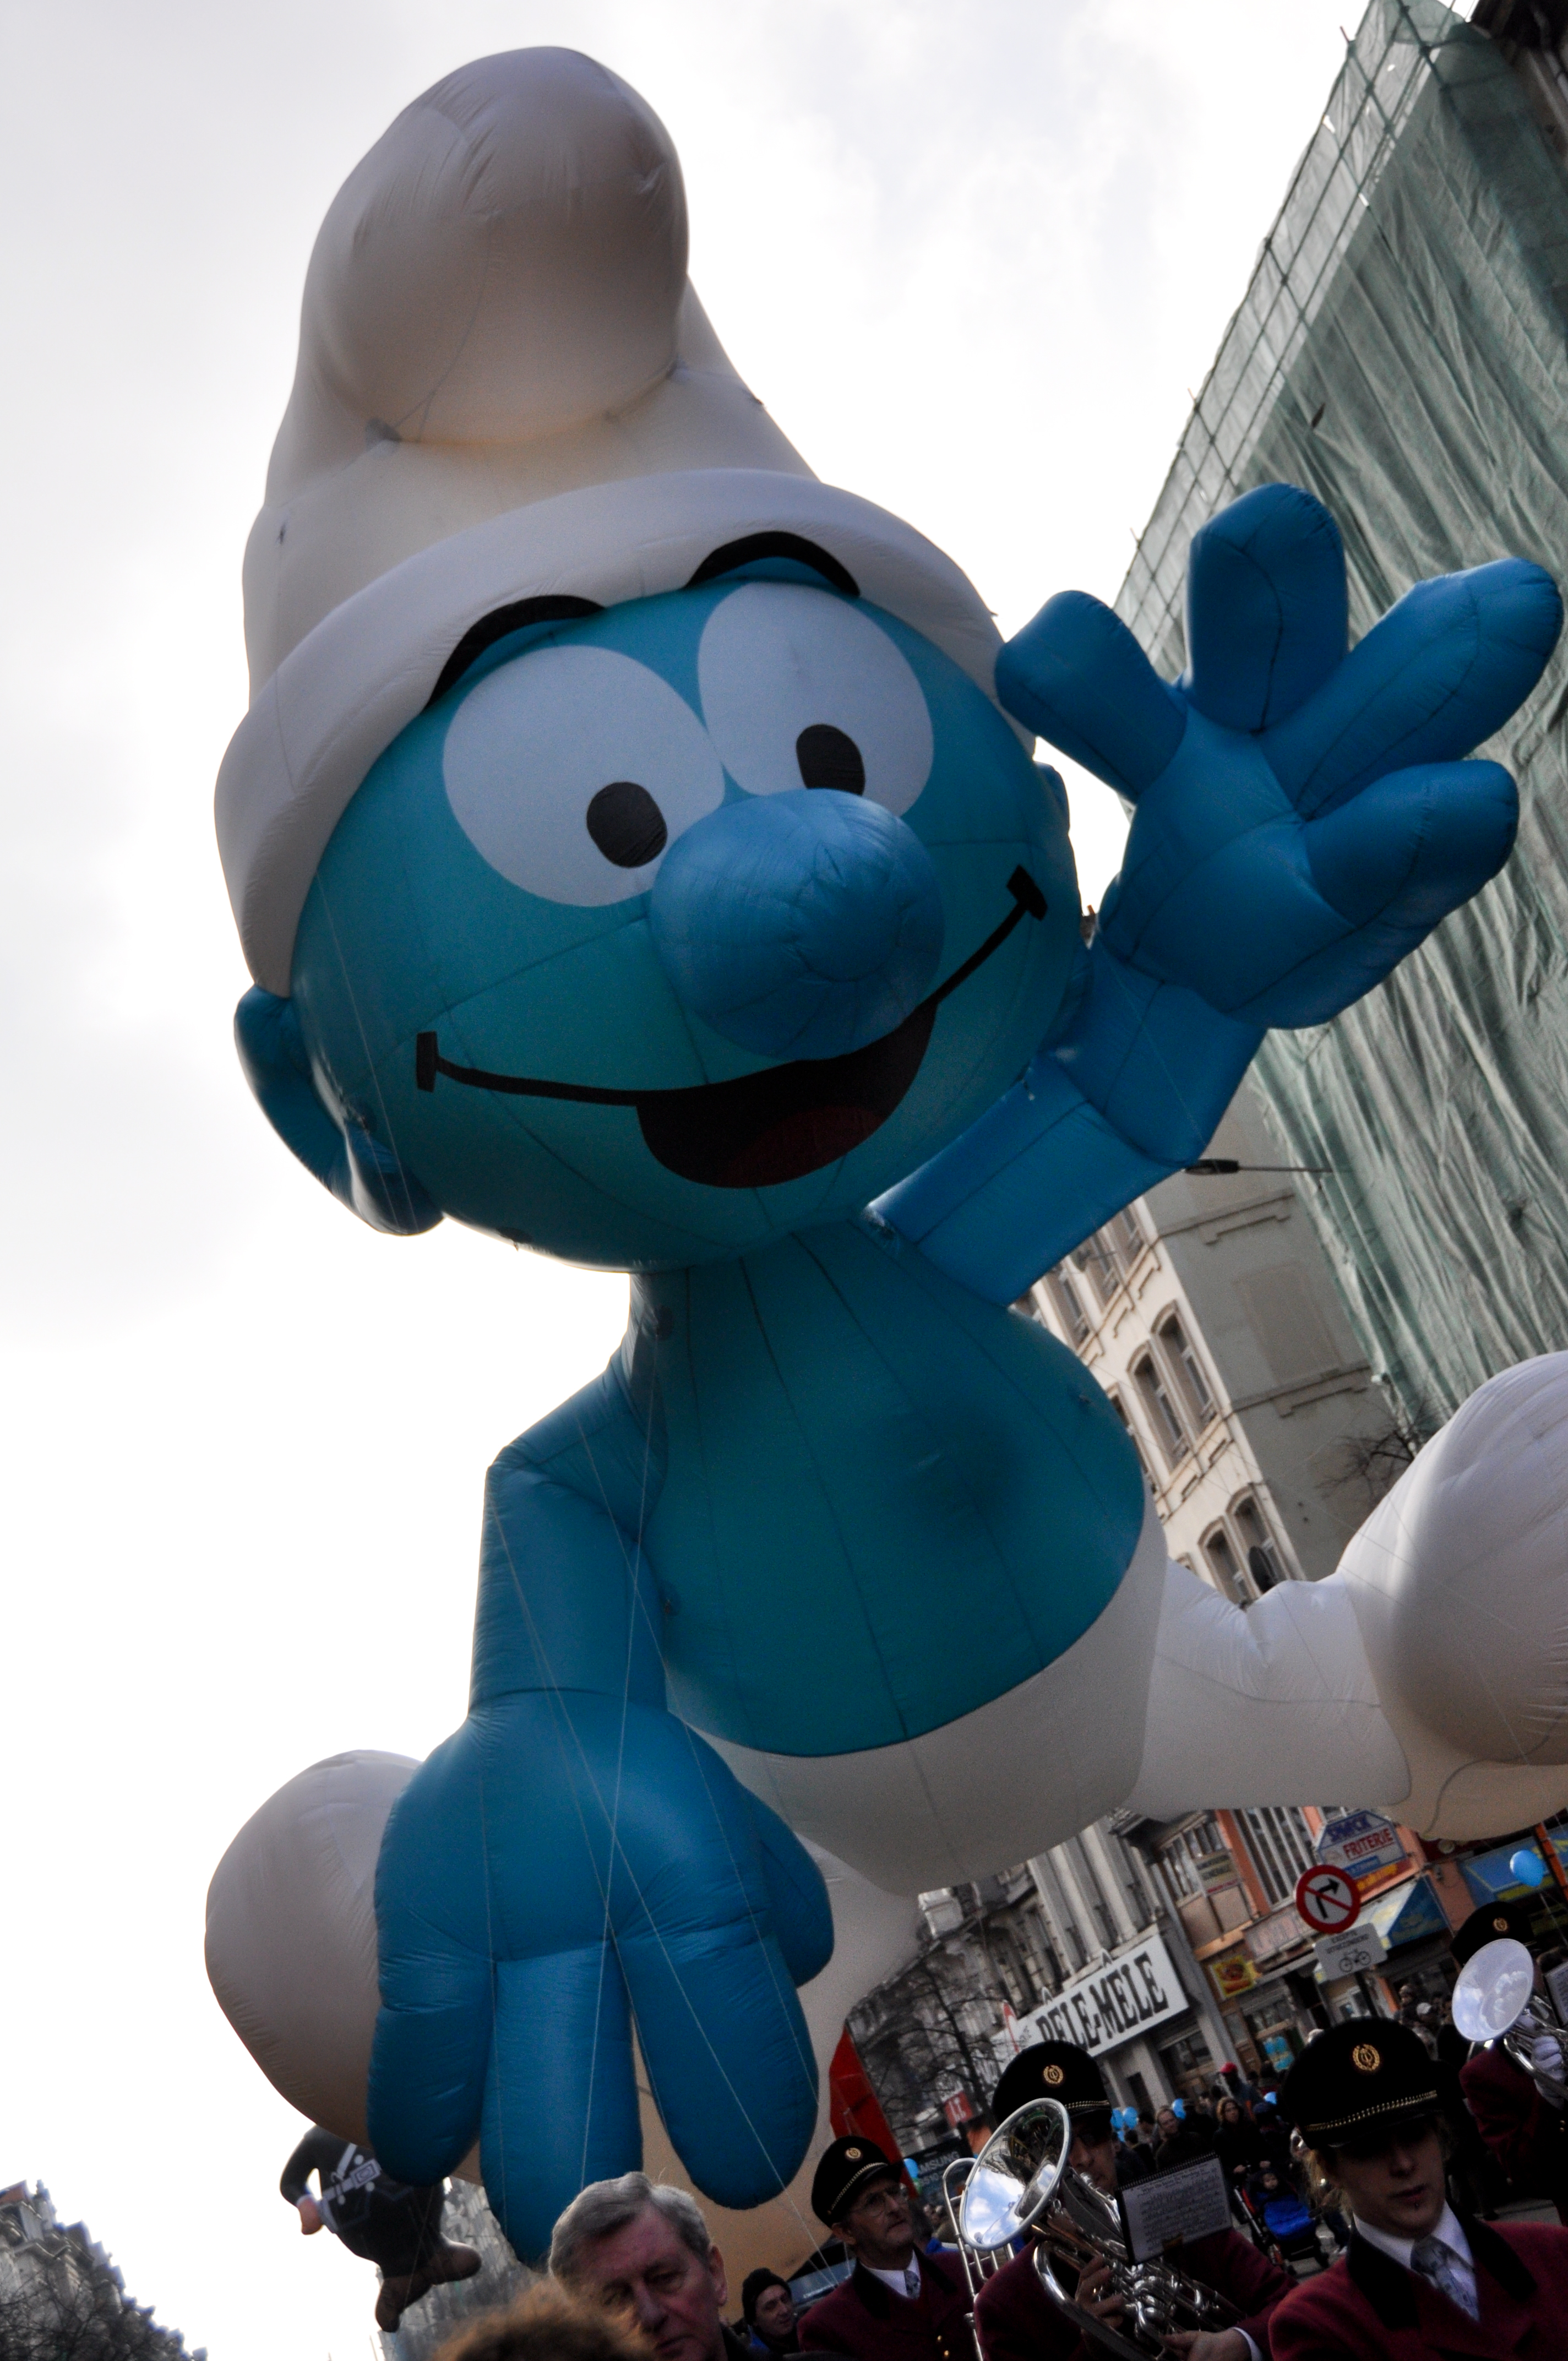 Smurf Parade Balloon